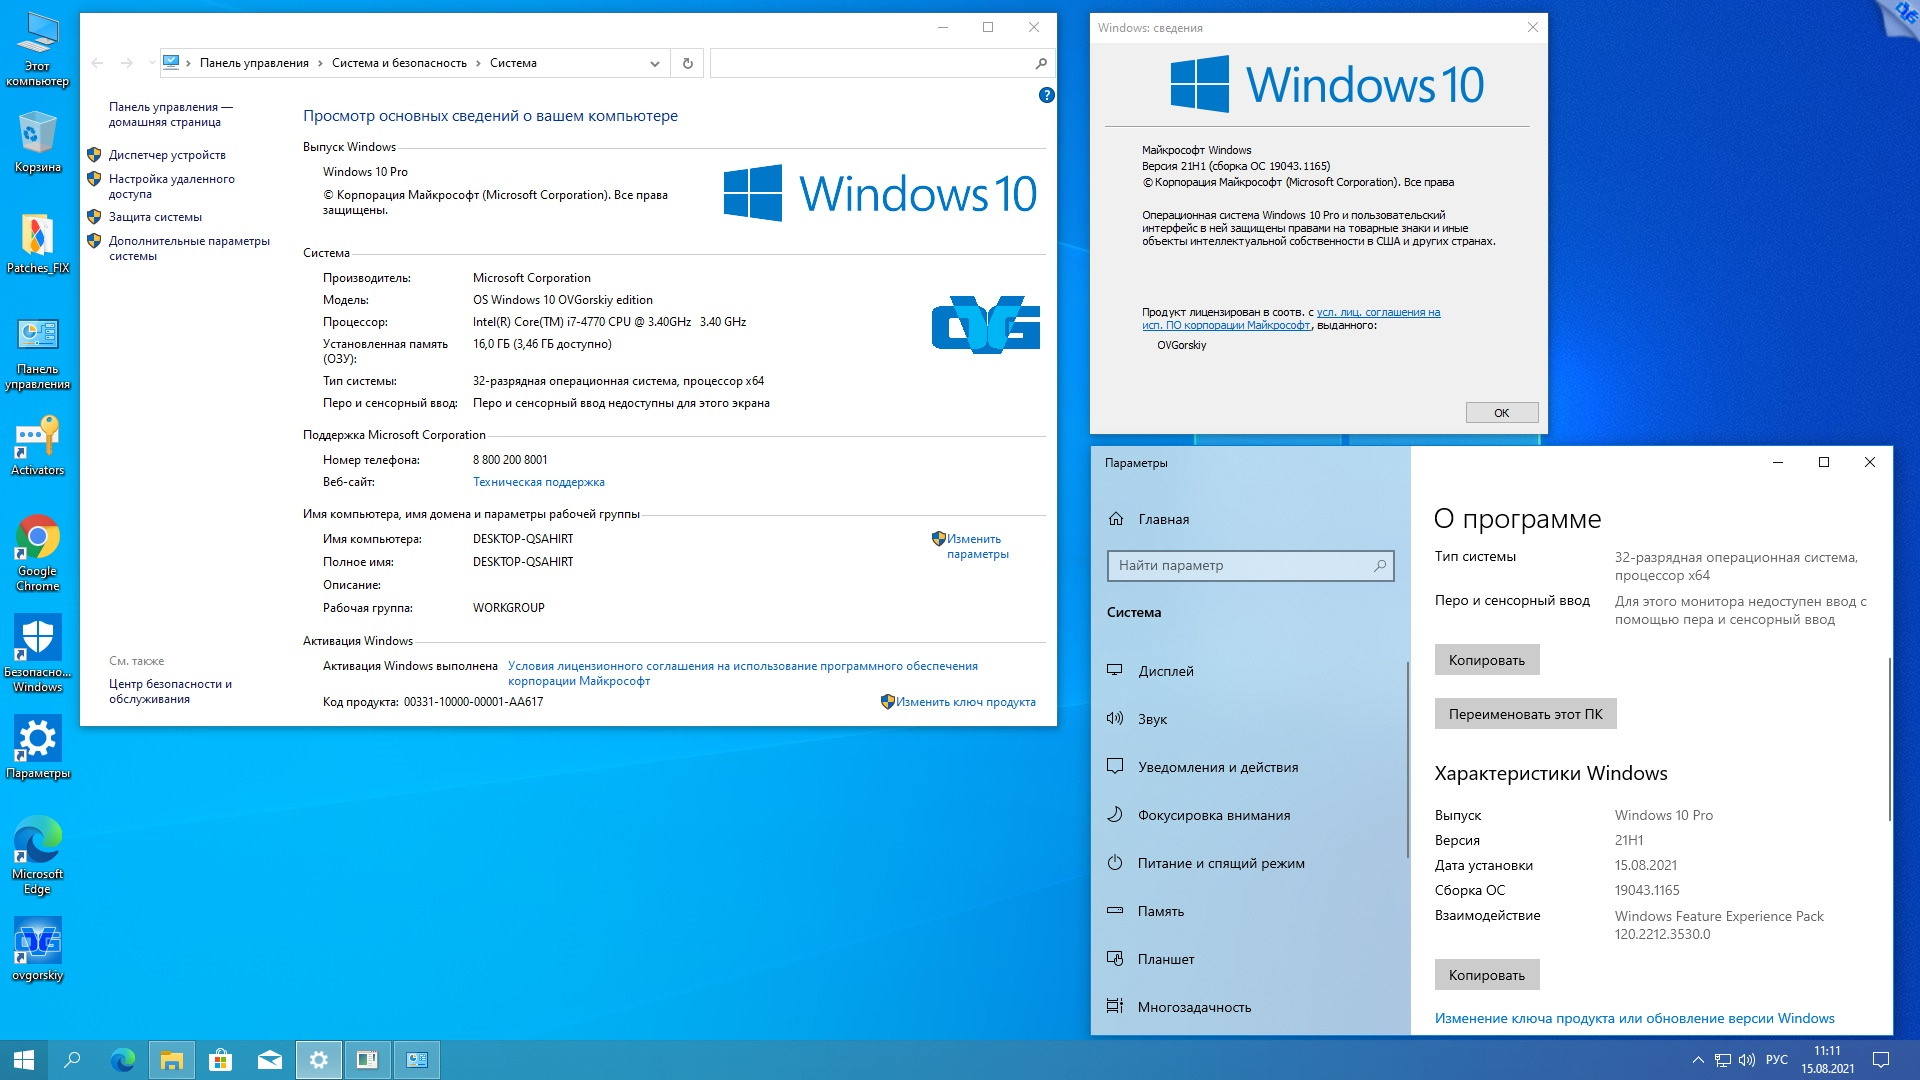 Windows 10 Professional VL x86-x64 21H1 RU by OVGorskiy 08.2021